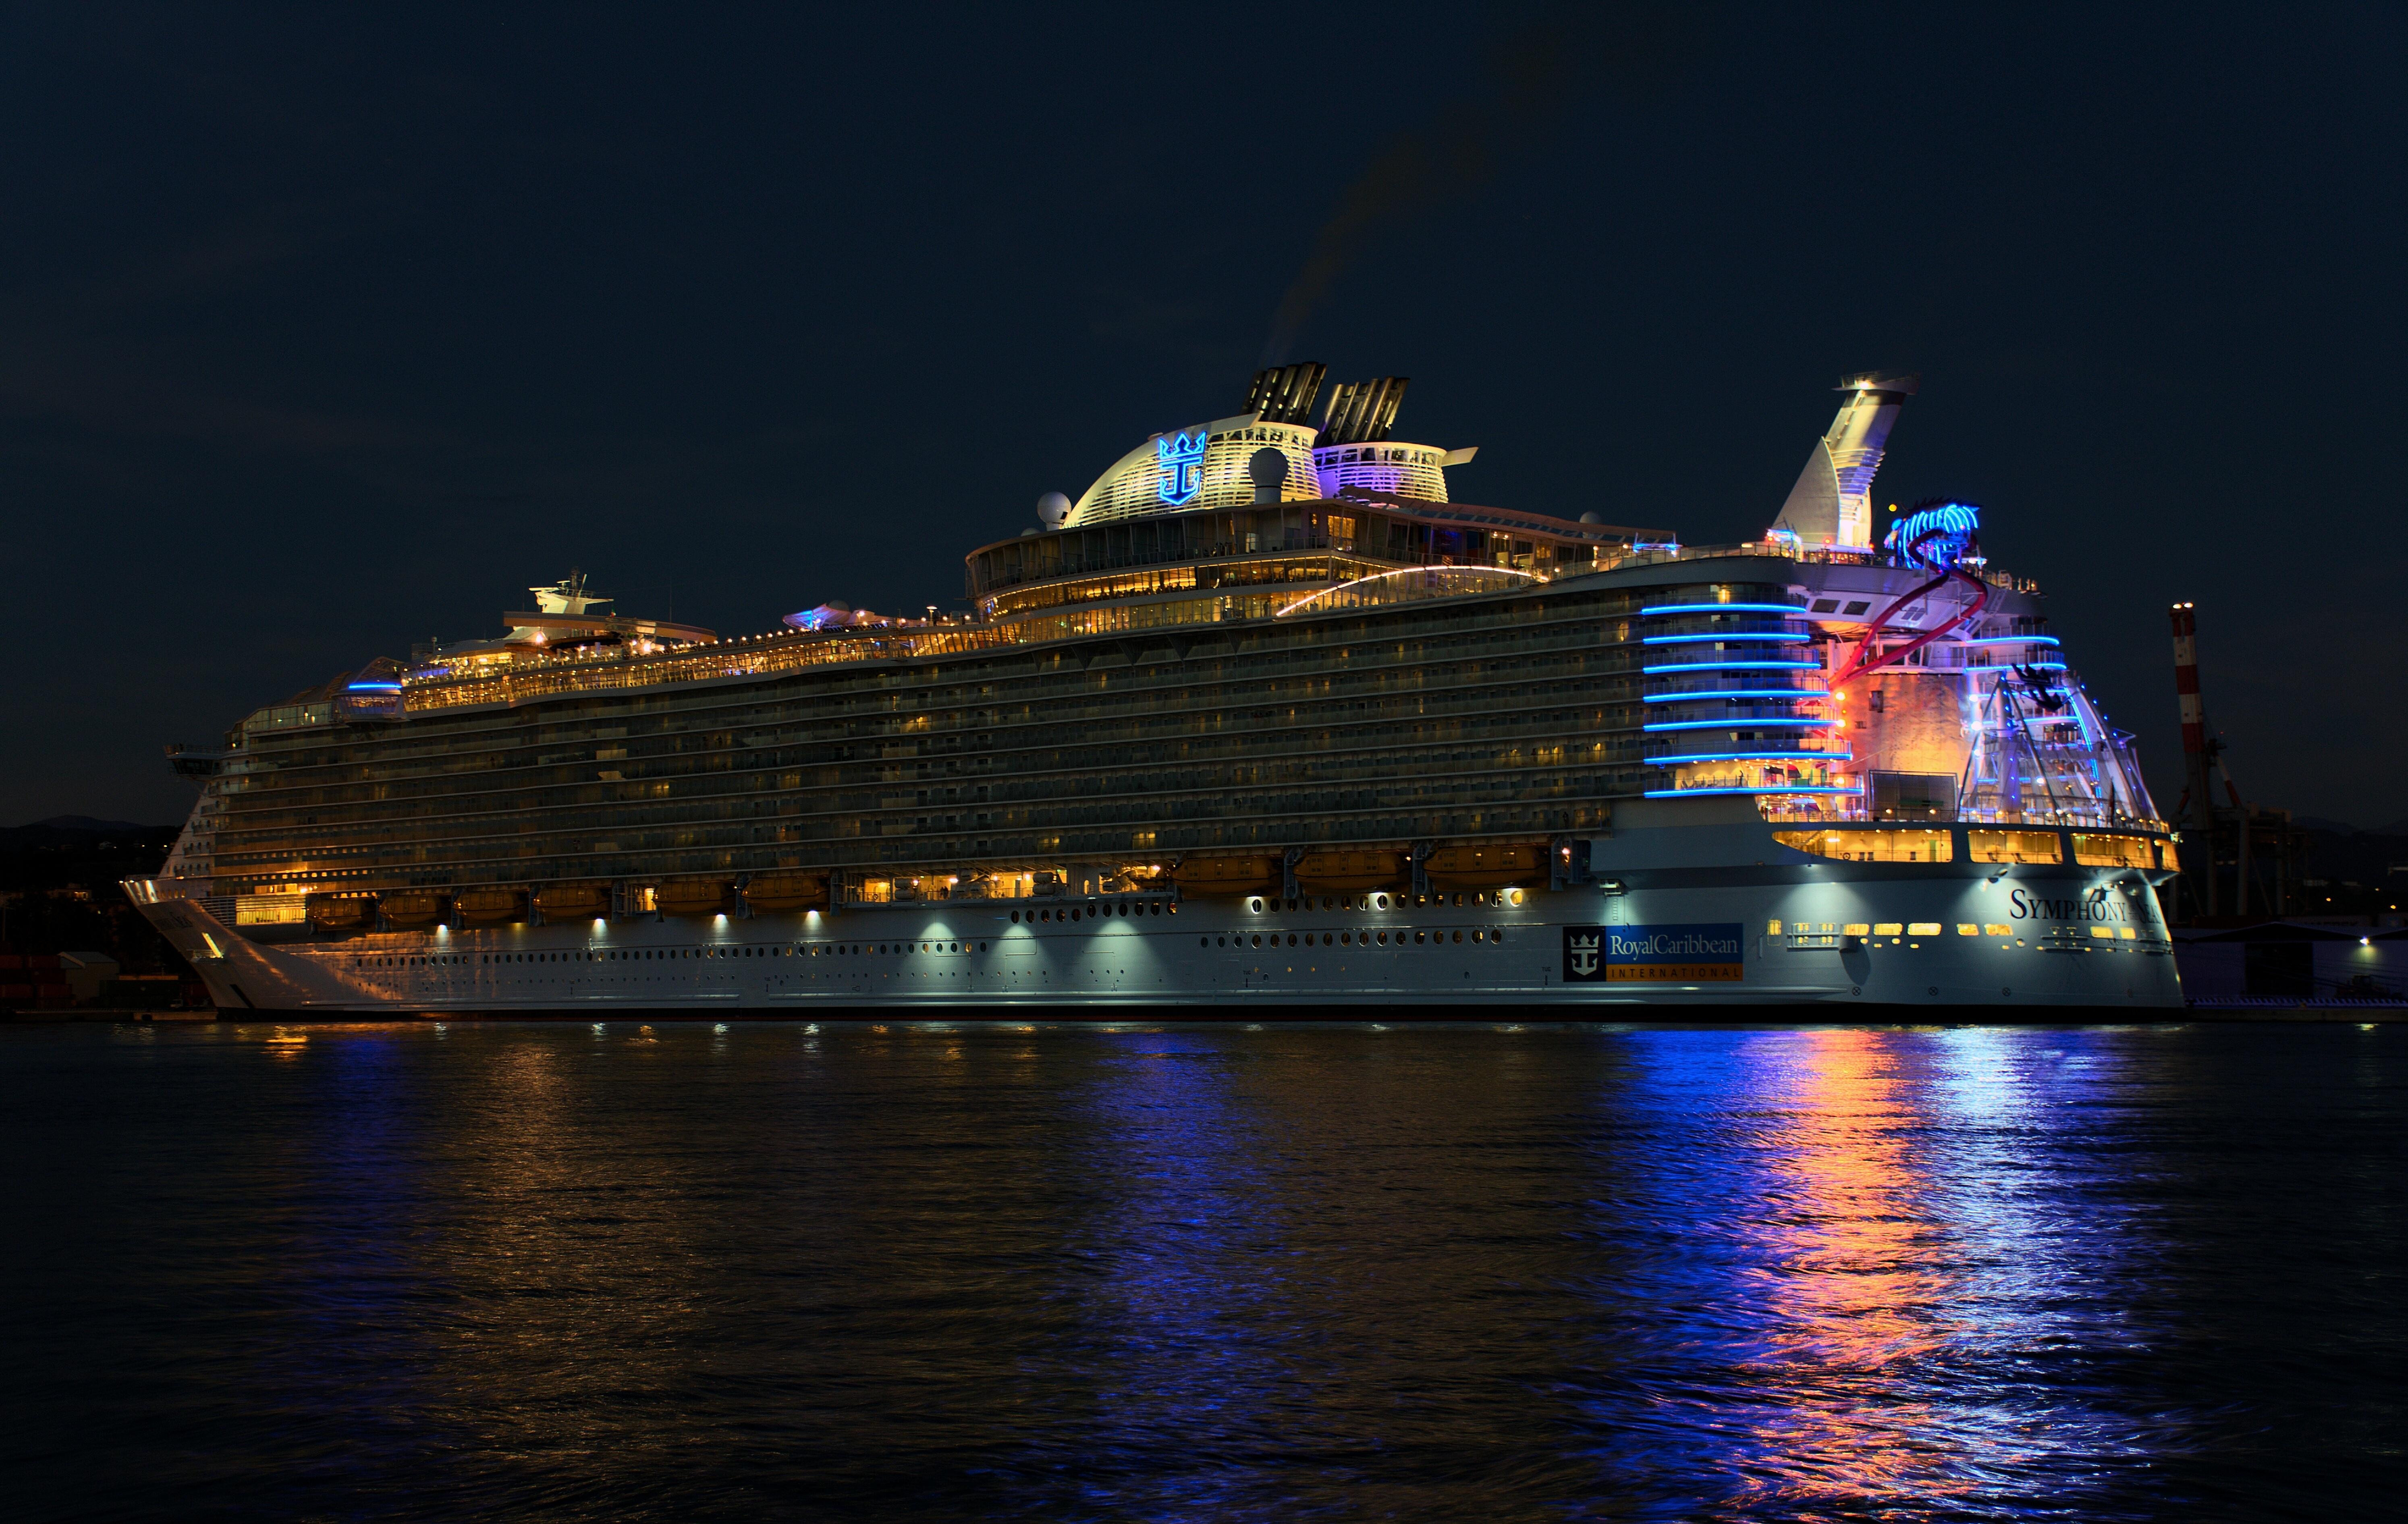 Картинки Круизный лайнер Royal Caribbean Корабли Ночь корабль ночью в ночи Ночные